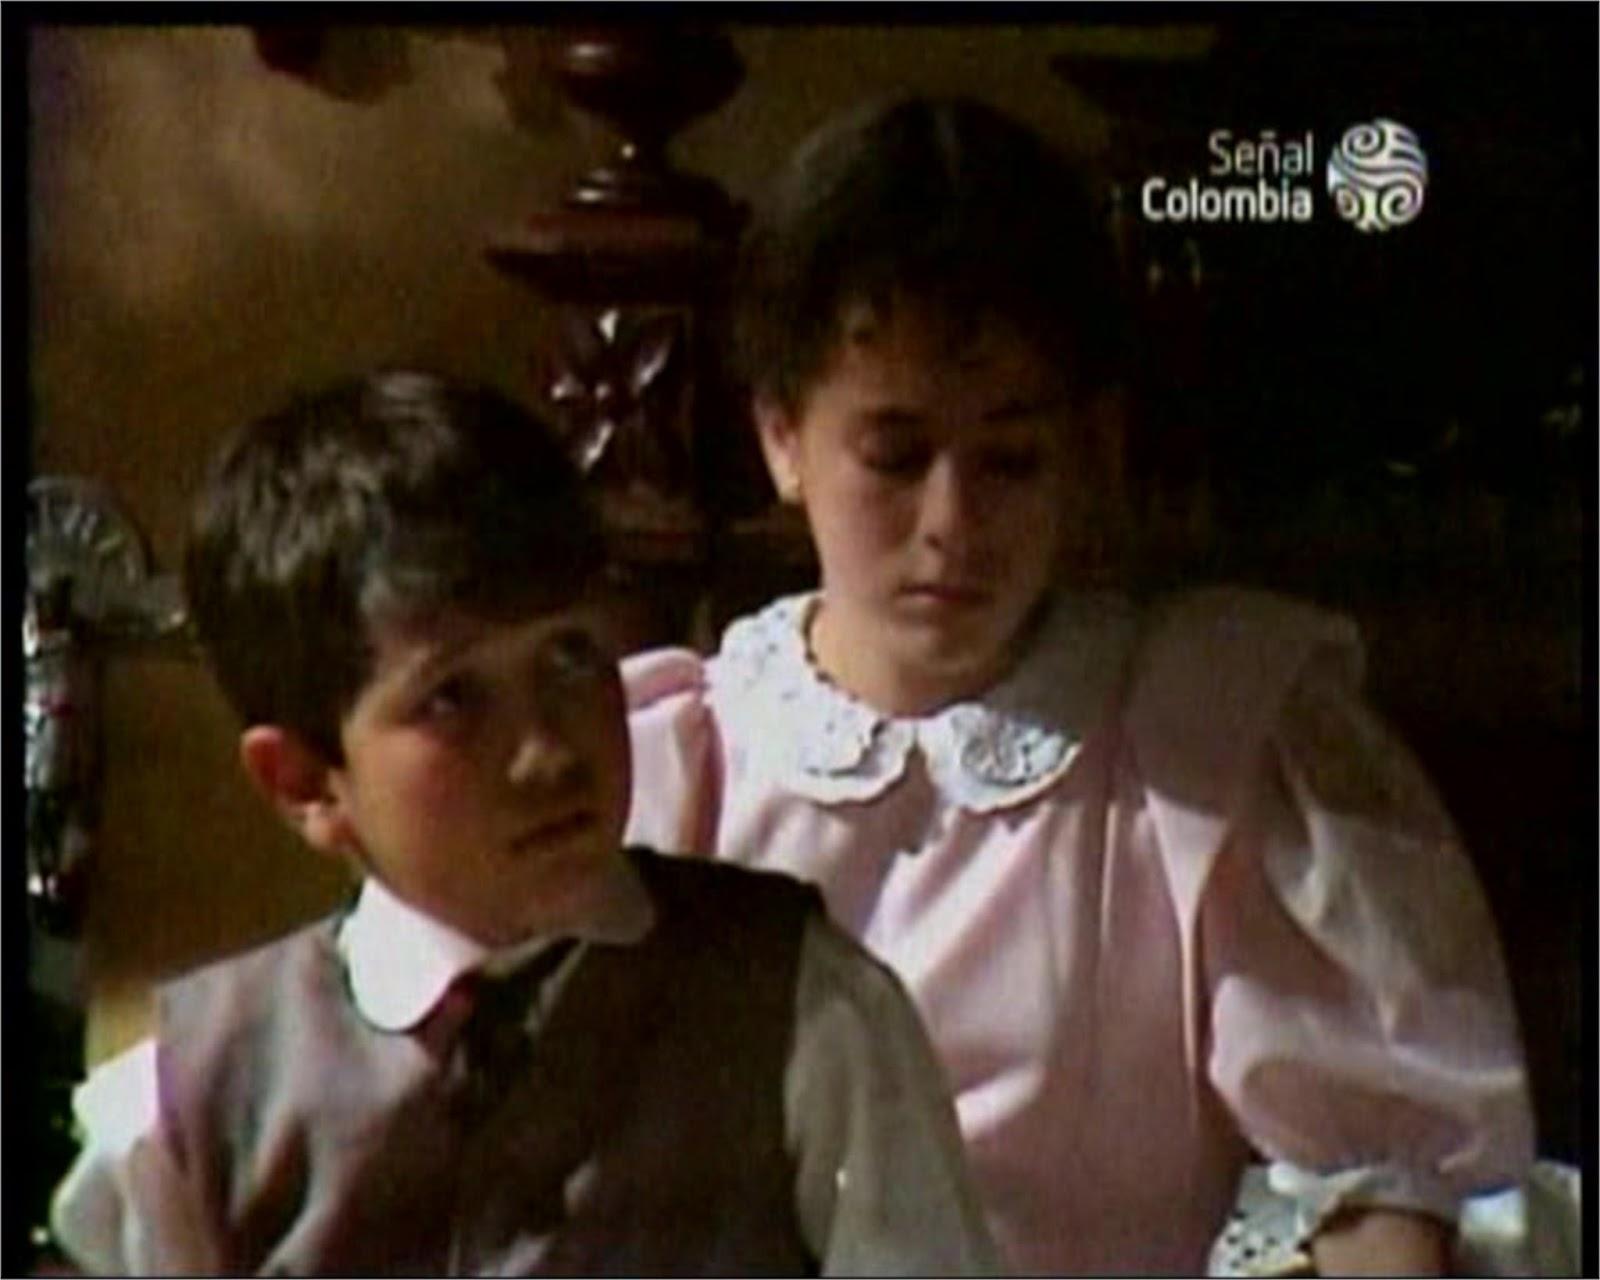 Danna García fotos..La Casa de las dos Palmas 1990 - Página 3 EVANGELINA+(DANNA+GARCIA+NI%C3%91A)+ZZM